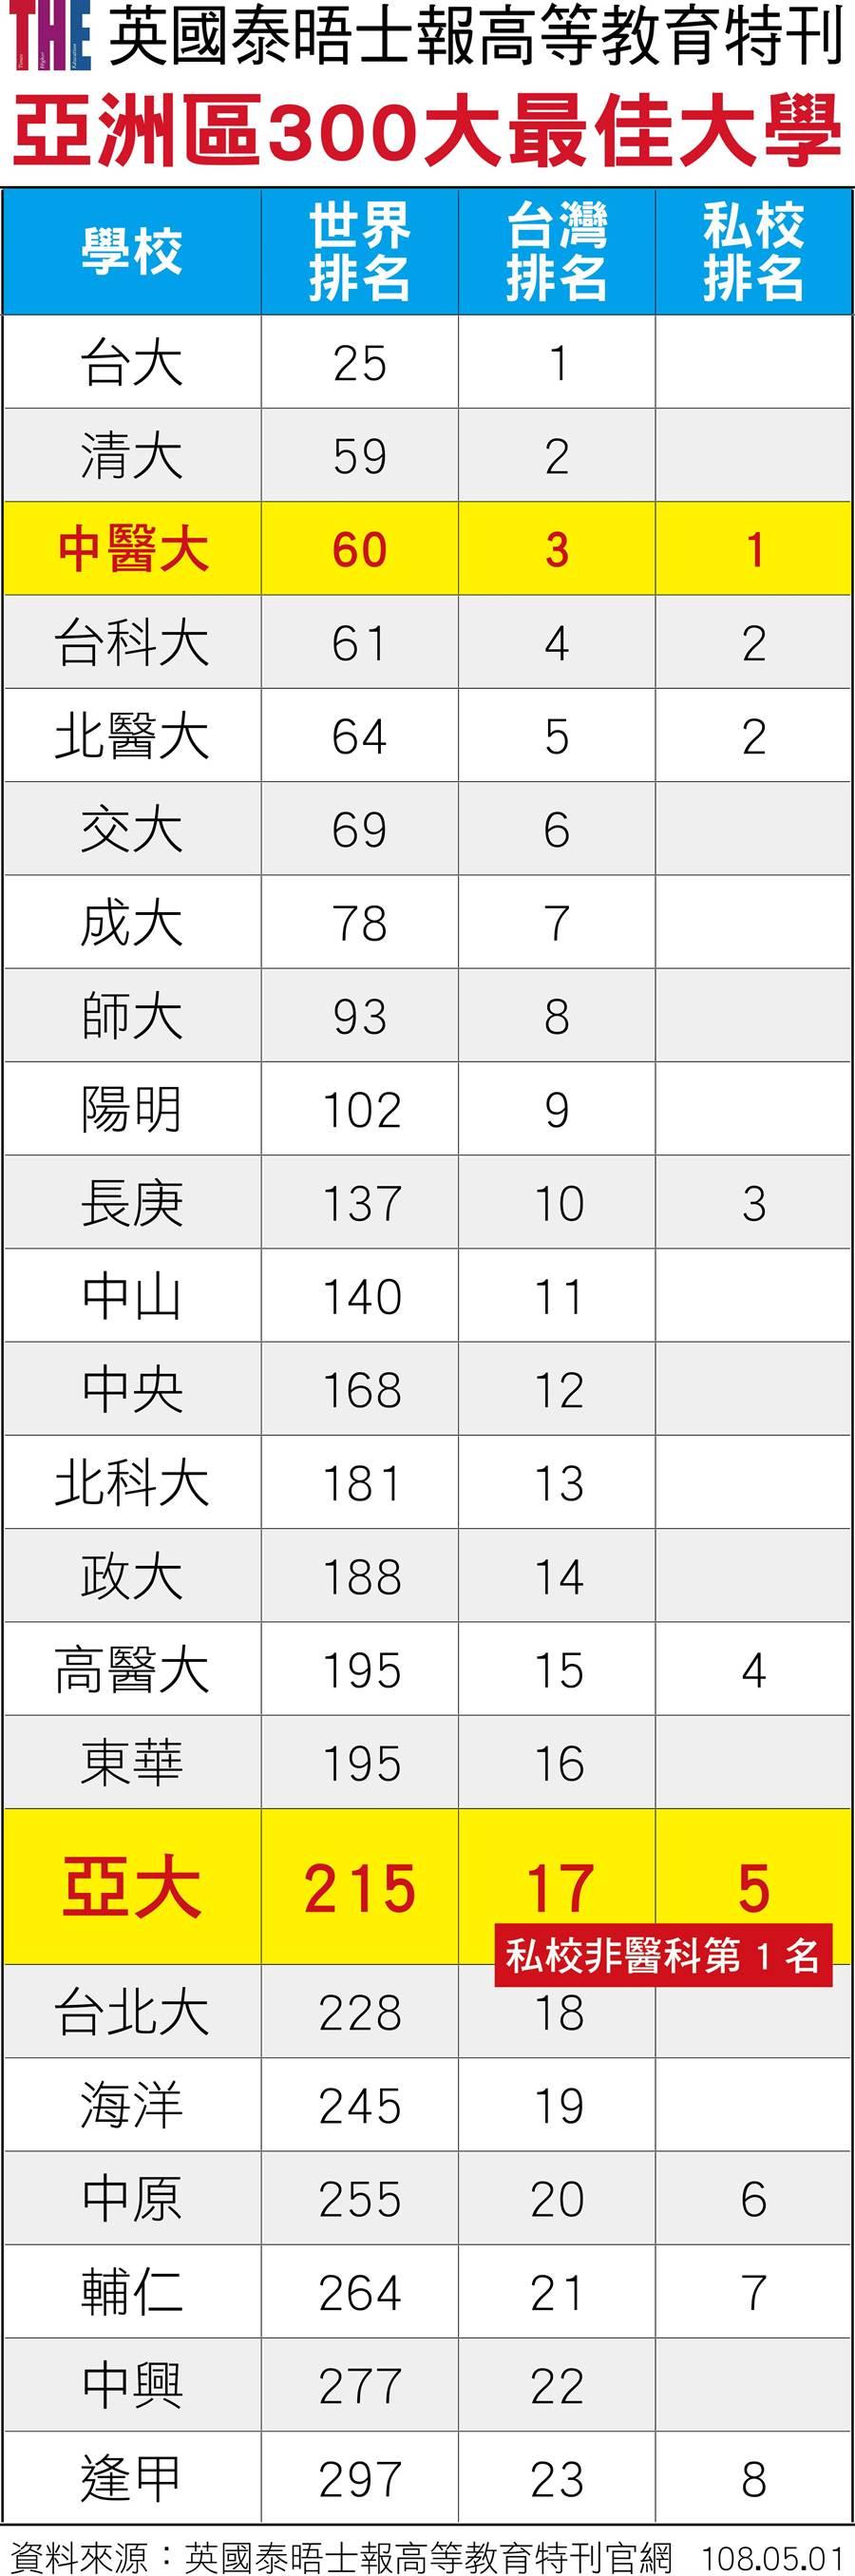 2019年亞洲最佳大學排名,「中亞聯大」雙雙入榜。(亞洲大學提供)